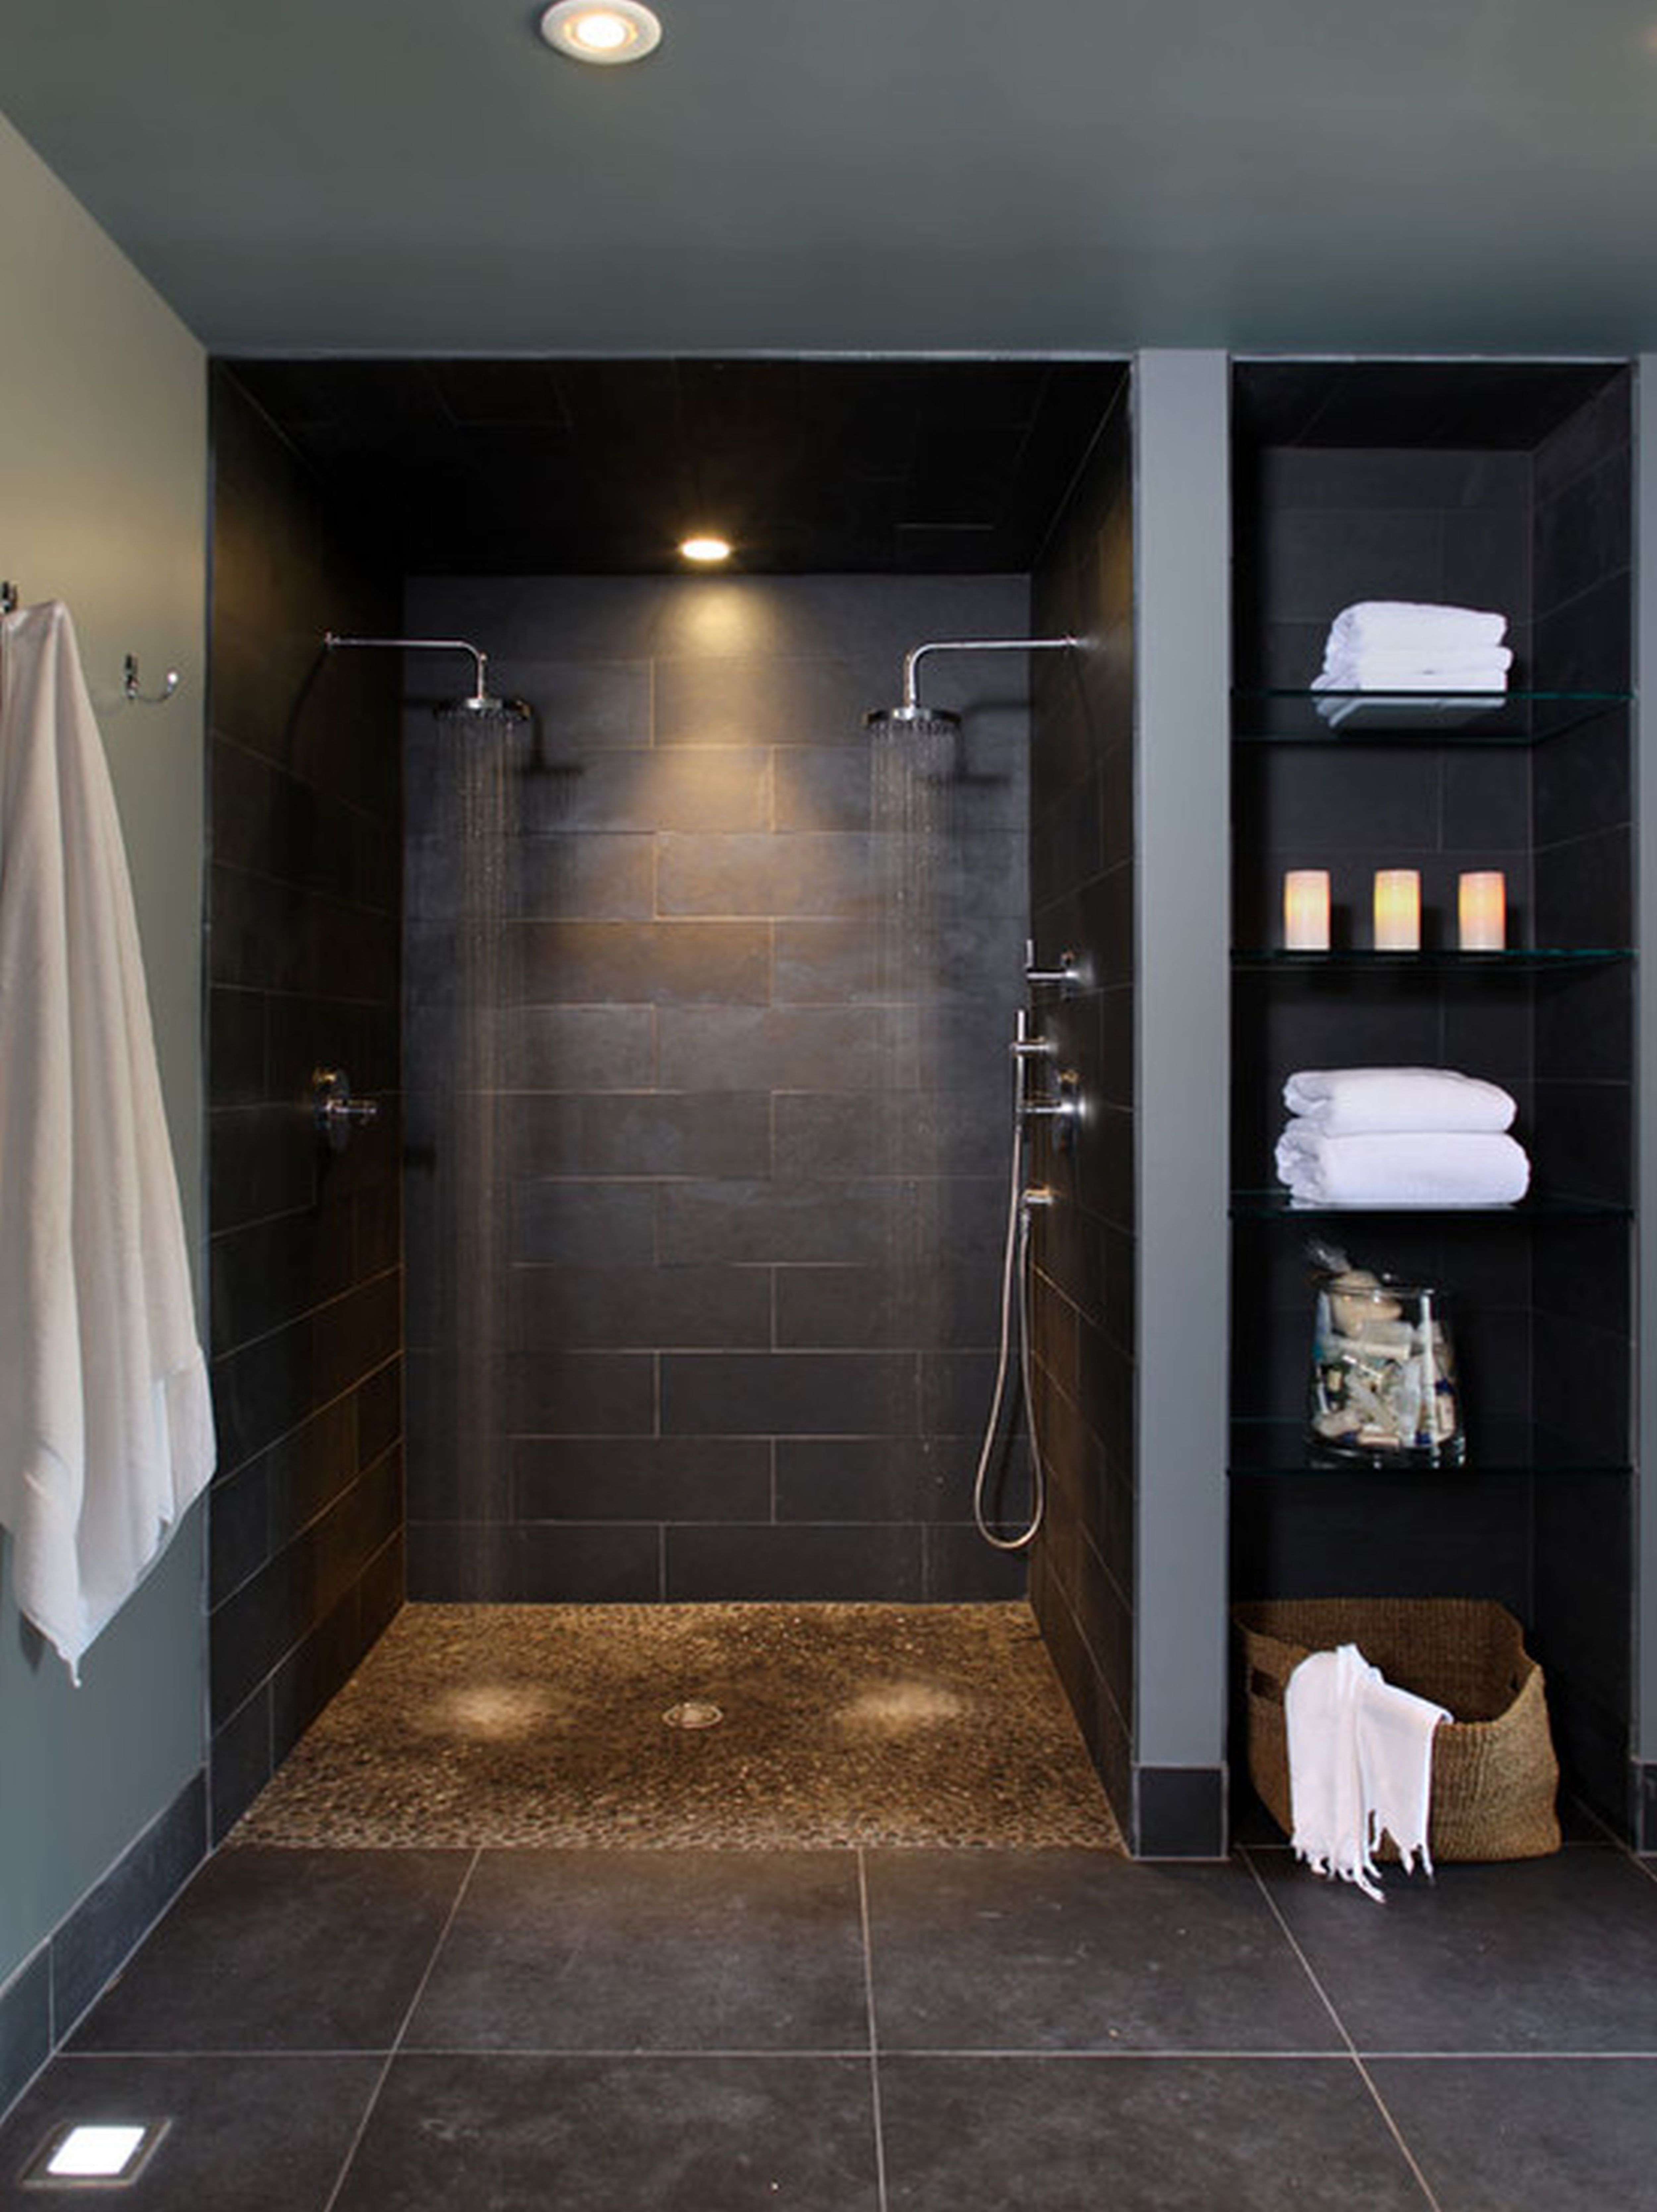 Edle kieselstein dusche boden sortiert installation ideen ist sicherlich identifiziert neben - Edle badezimmer ...